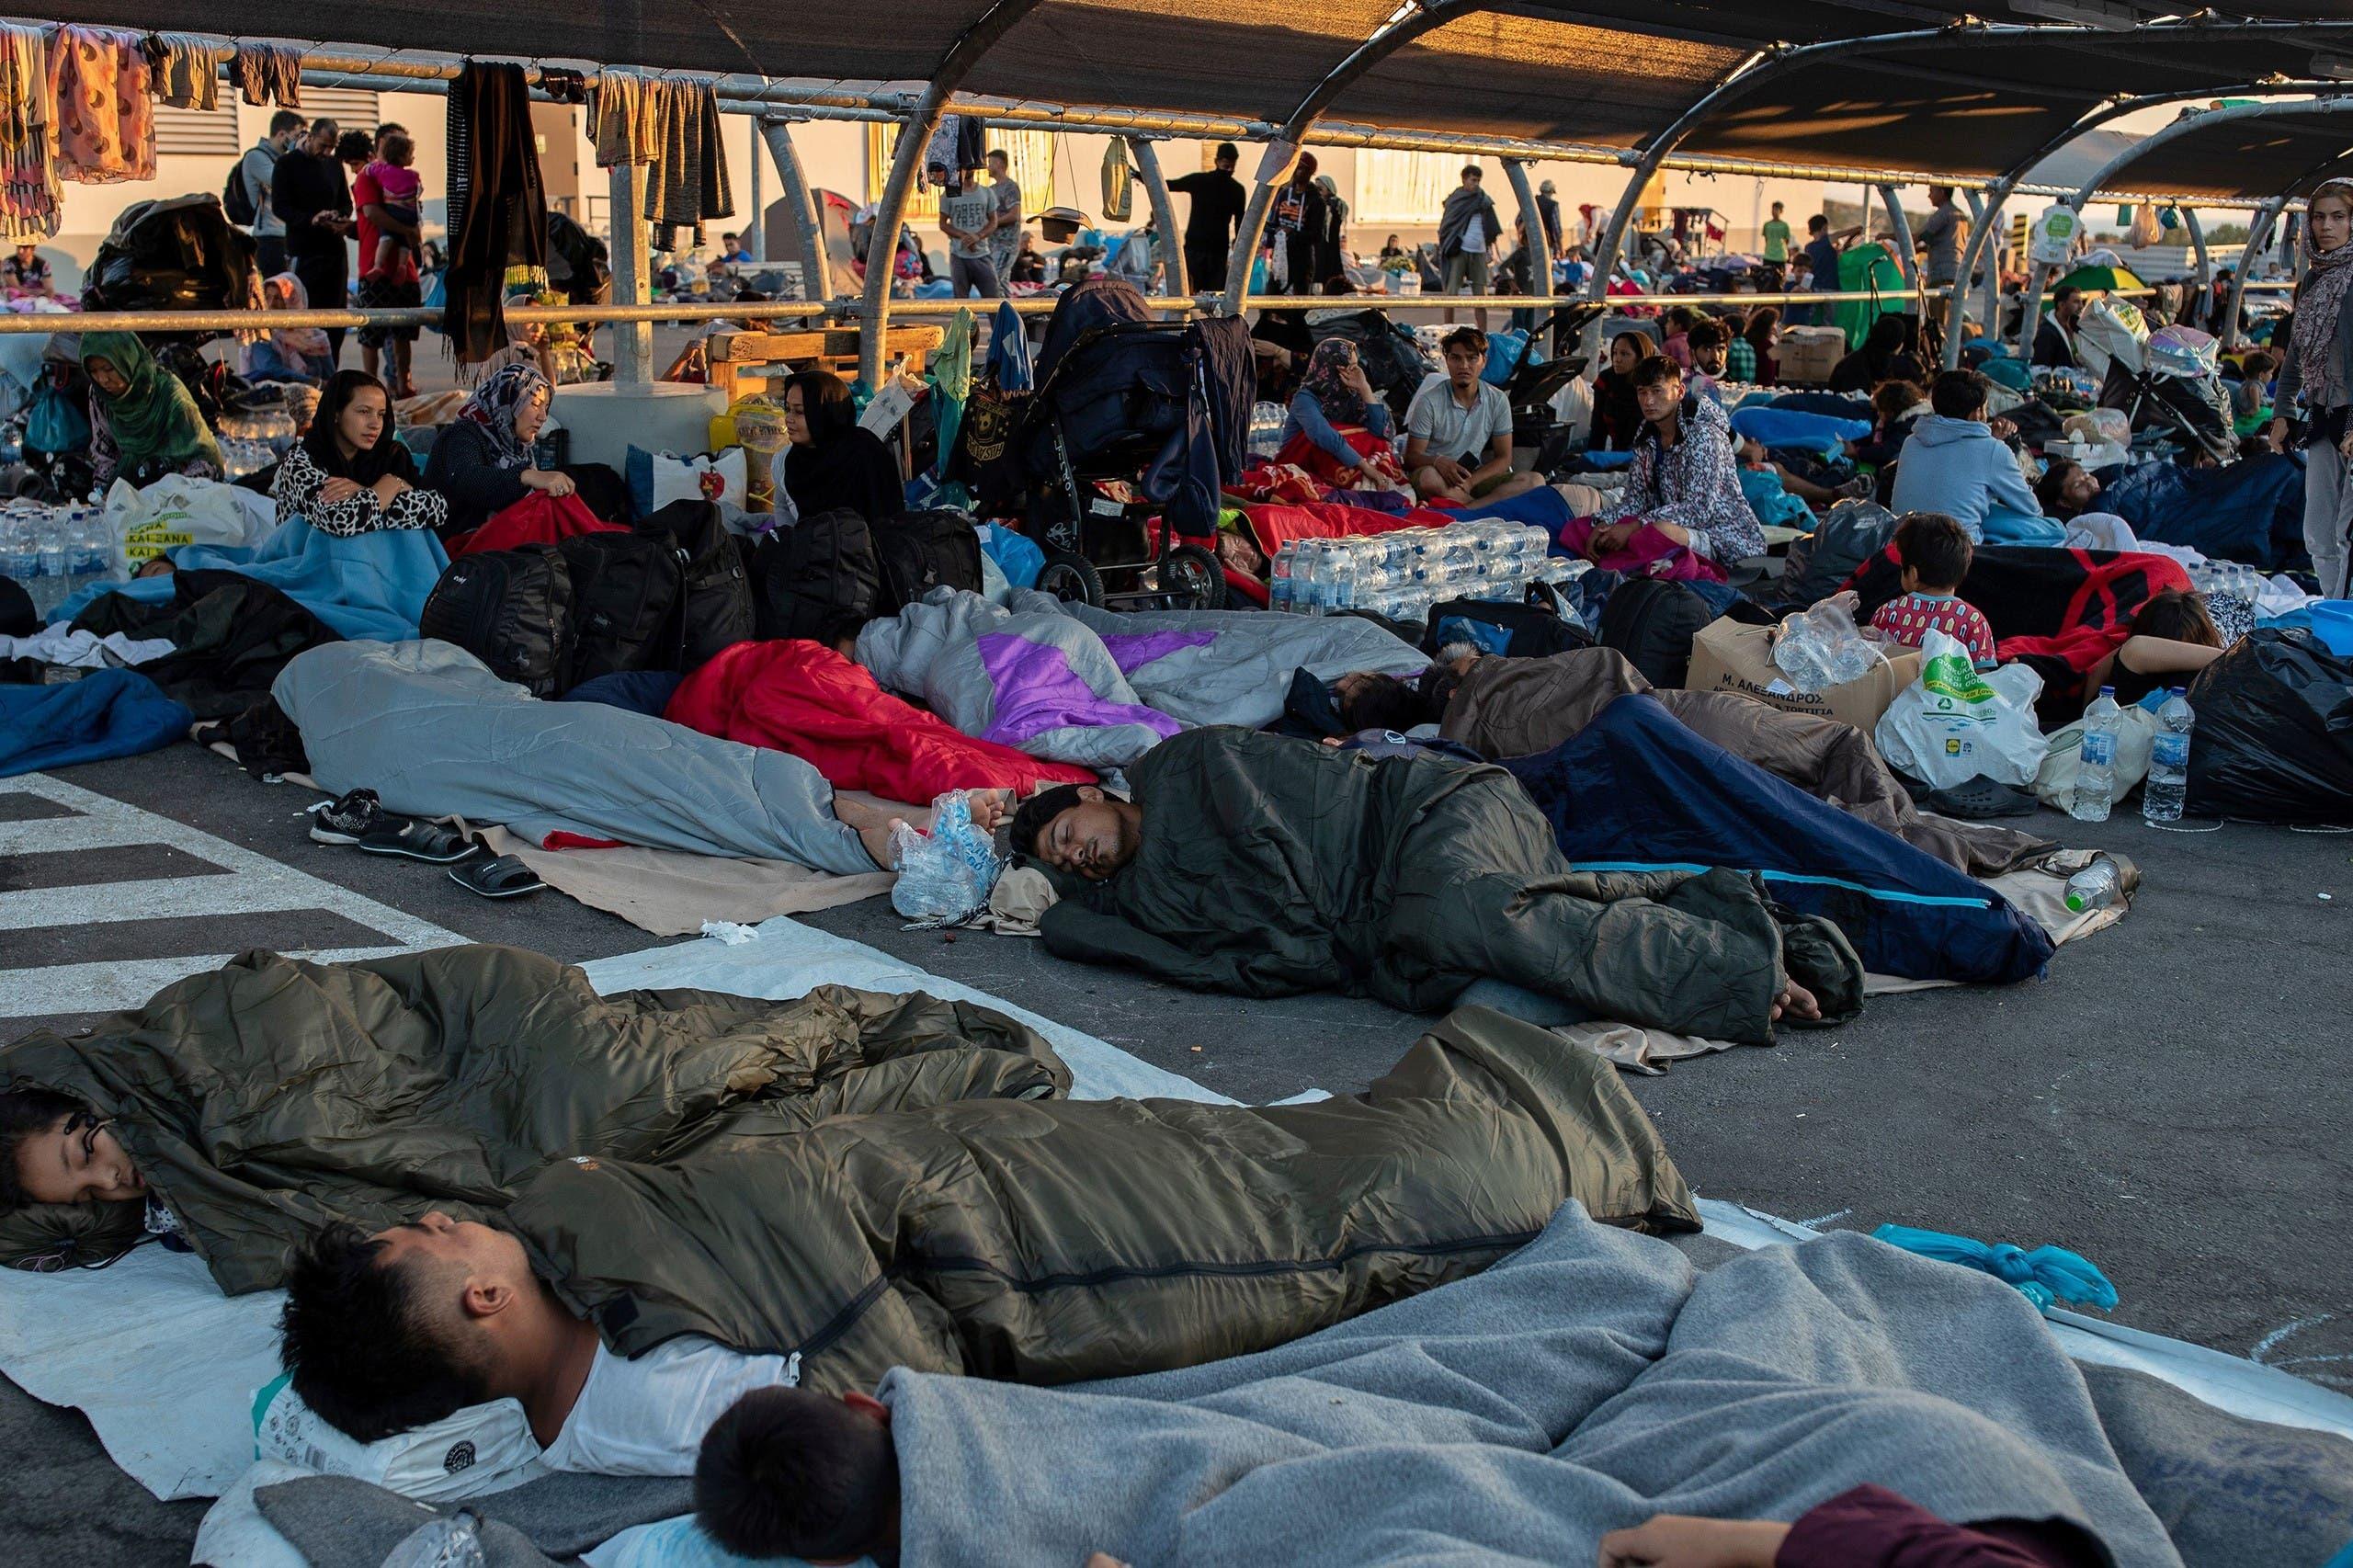 لاجئون باتوا ليلتهم في مرآب للسارات